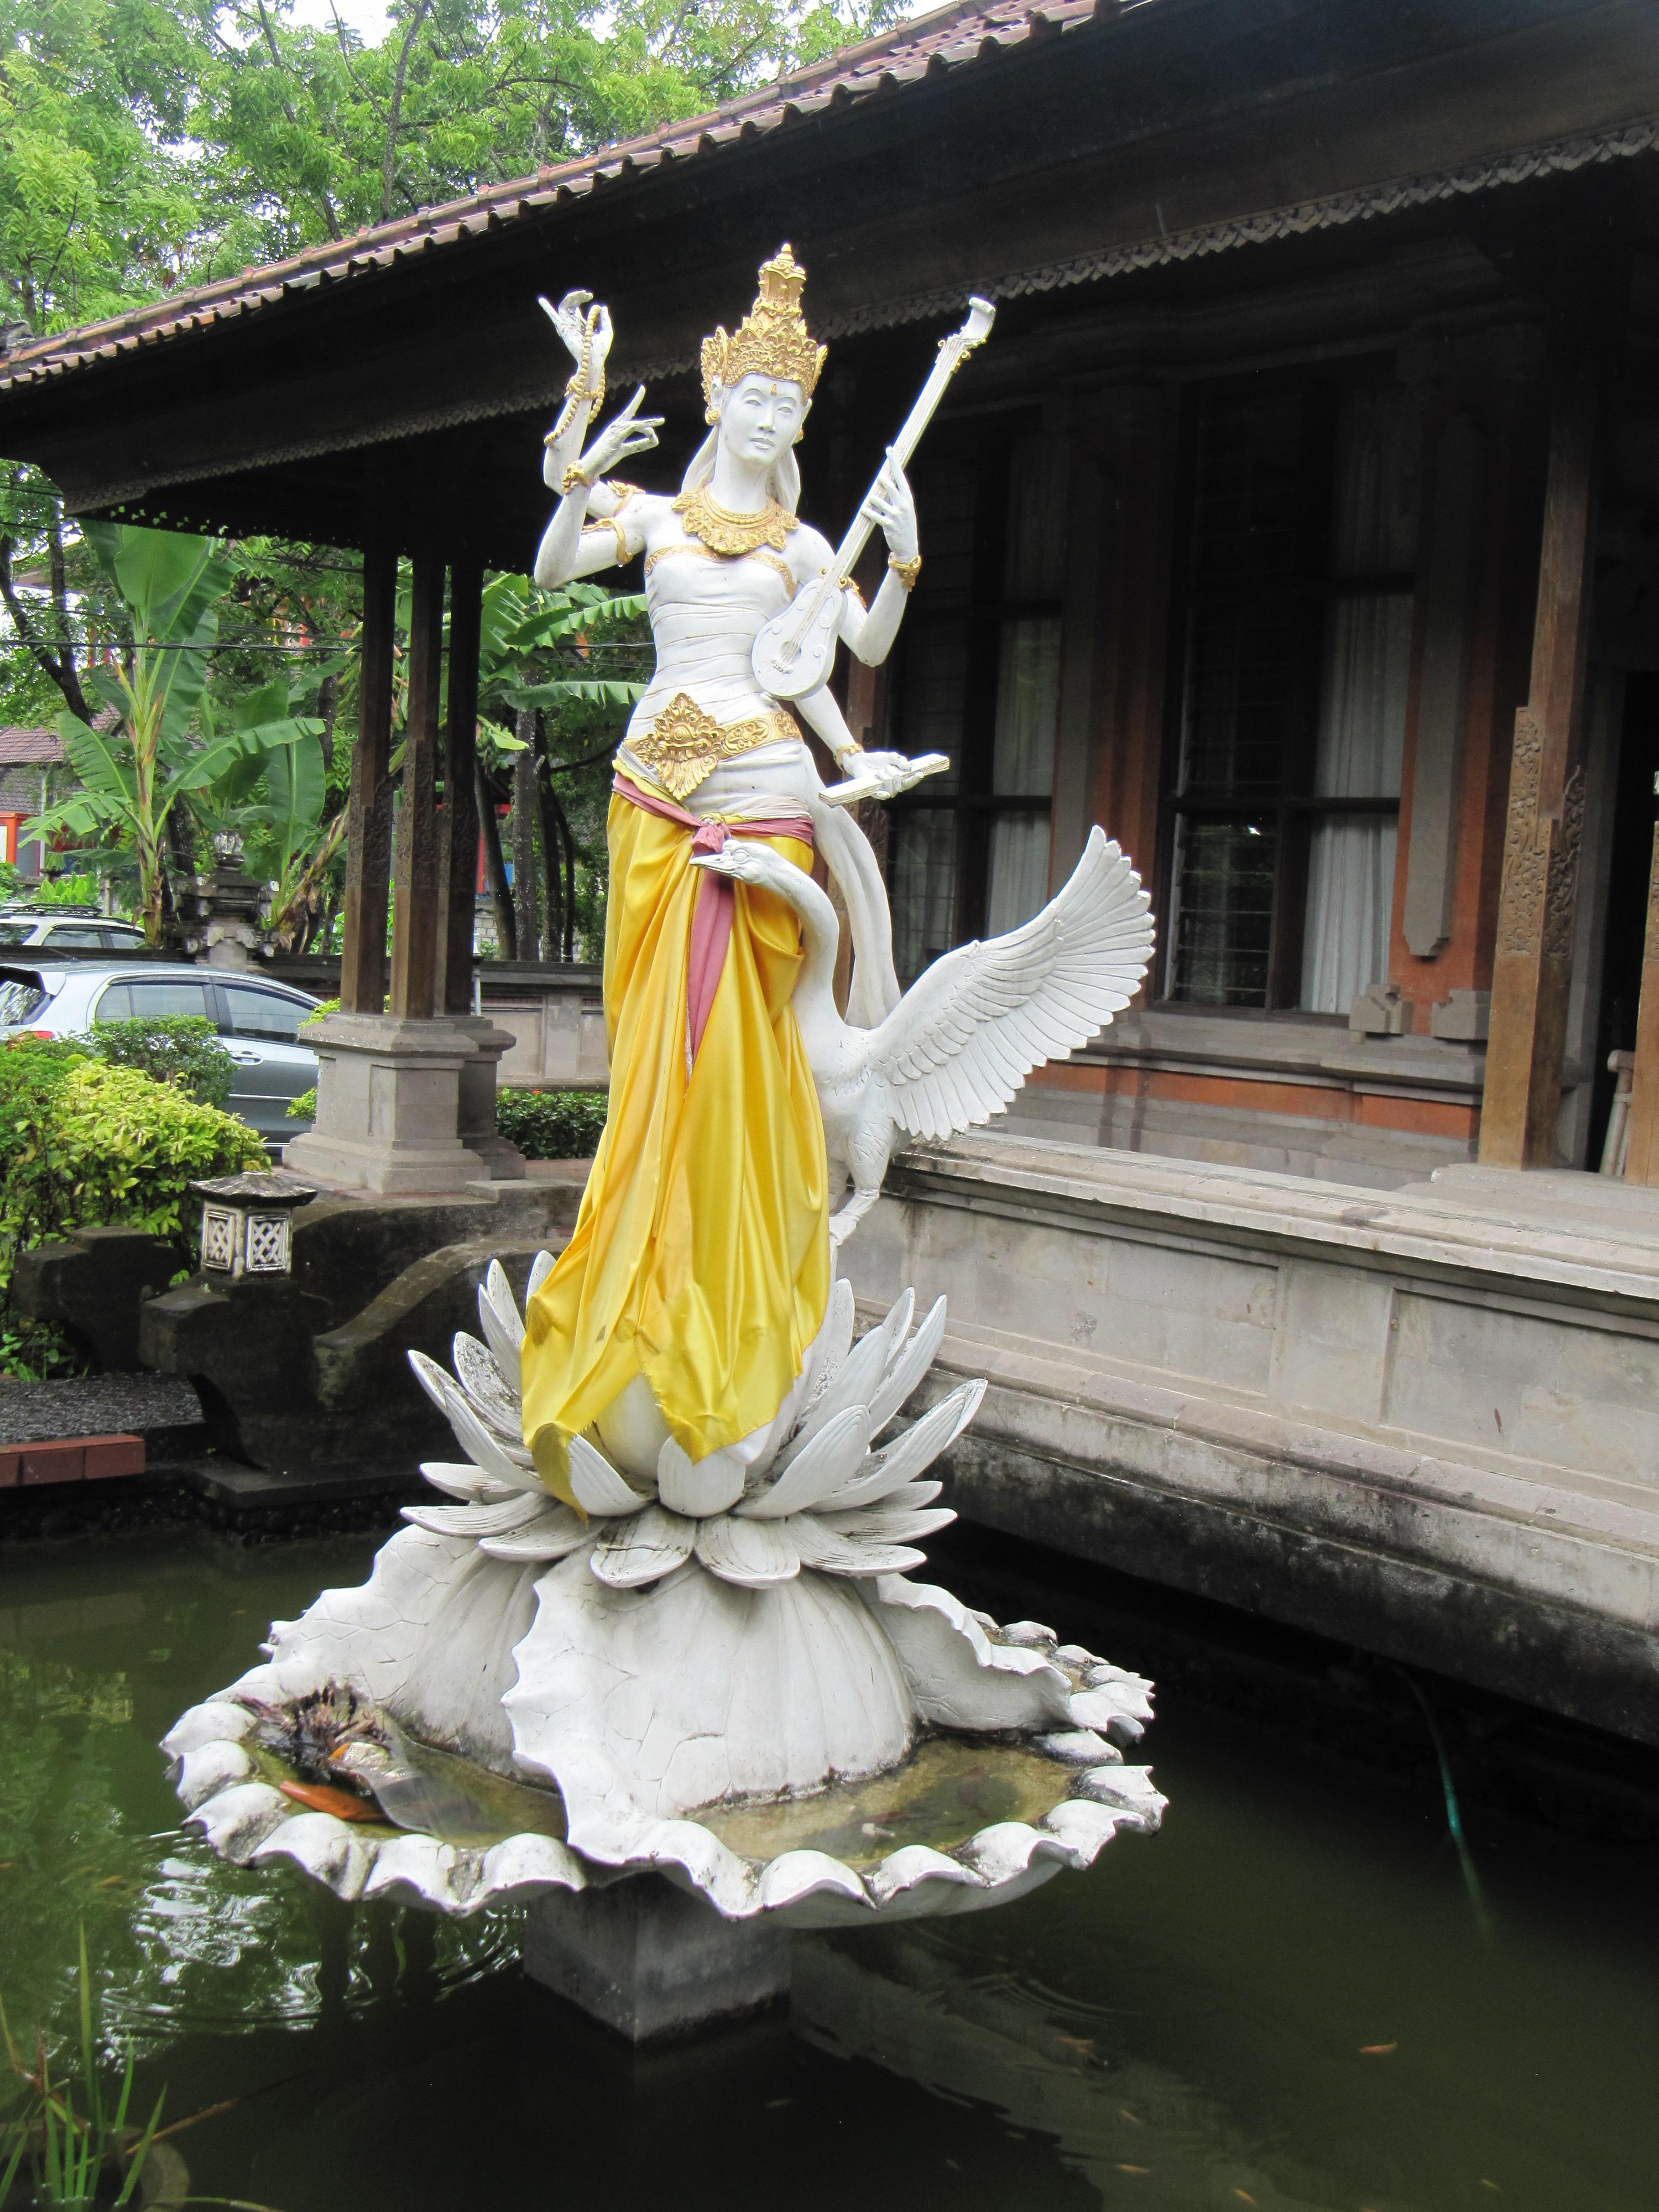 Офис Департамента туризма Бали украшает богиня Сарасвати-покровительница культуры и образования.